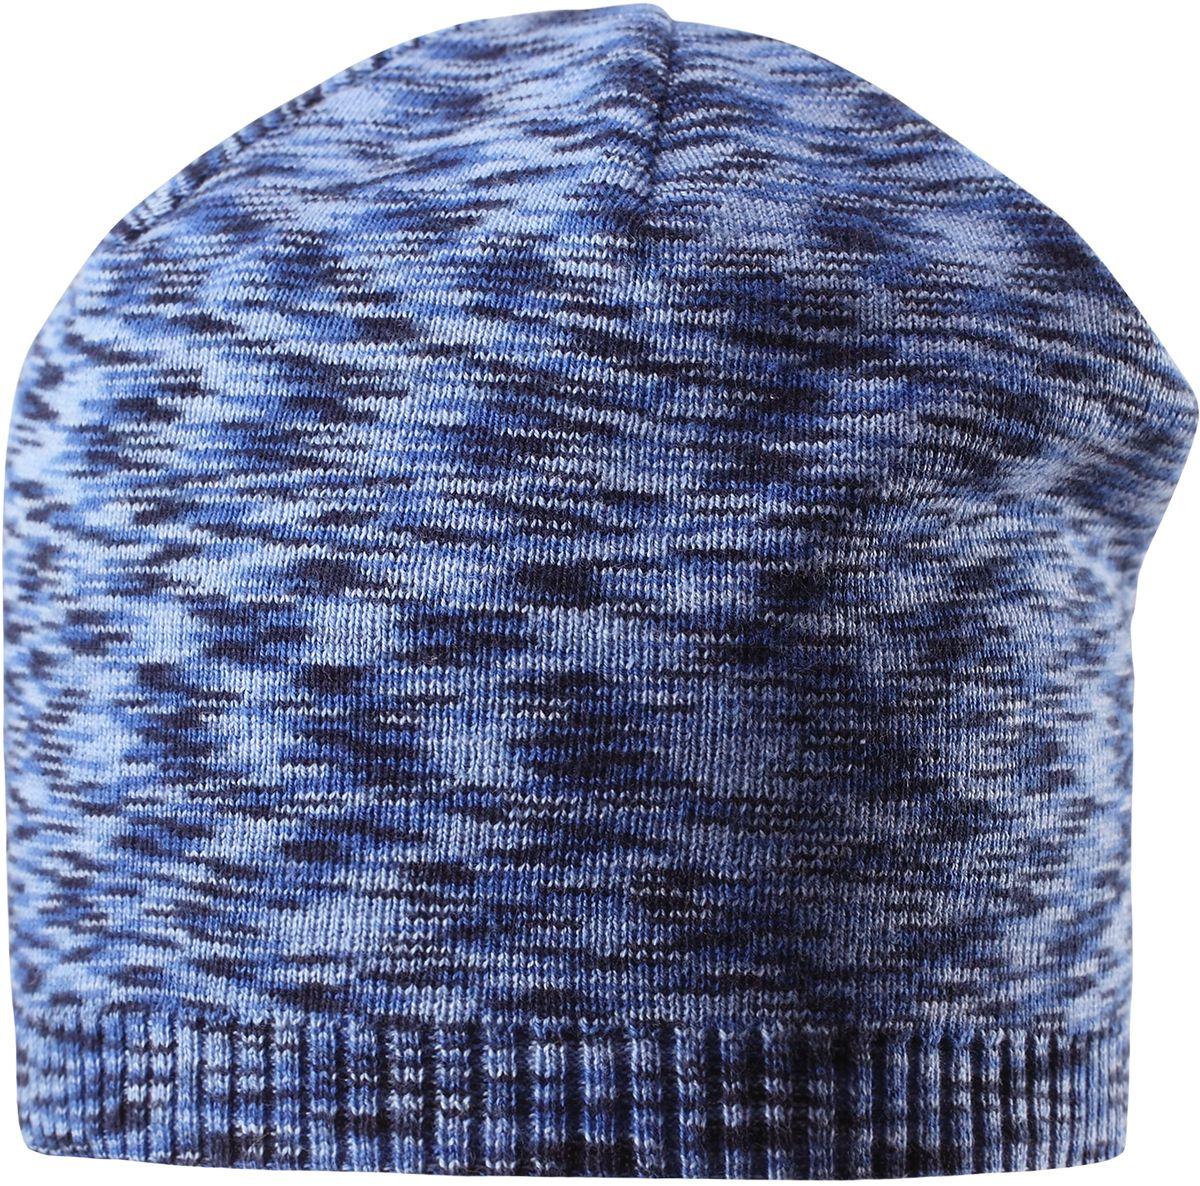 Шапка детская Reima Liplatus, цвет: синий. 5285276530. Размер 485285276530Стильная детская шапка прекрасно подойдет для весенней поры. Она изготовлена из эластичного и легкого вязаного хлопка, мягкого и приятного на ощупь. Материал сертифицирован по стандарту Oeko-Tex. Удлиненная, облегченная модель без подкладки.